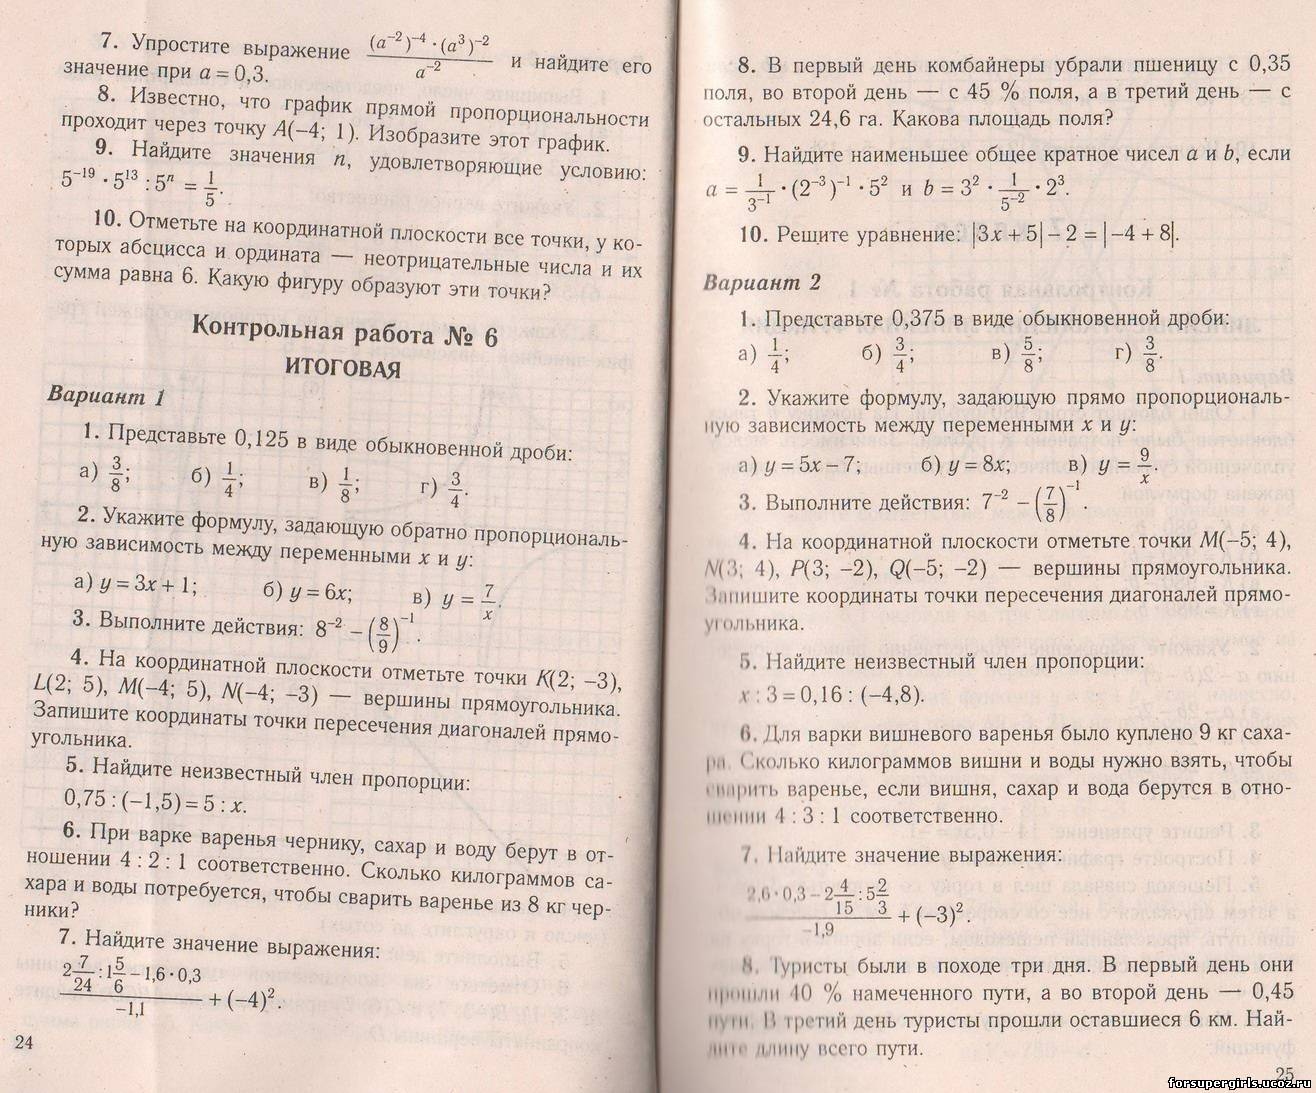 ответы по математике за 3 класс: